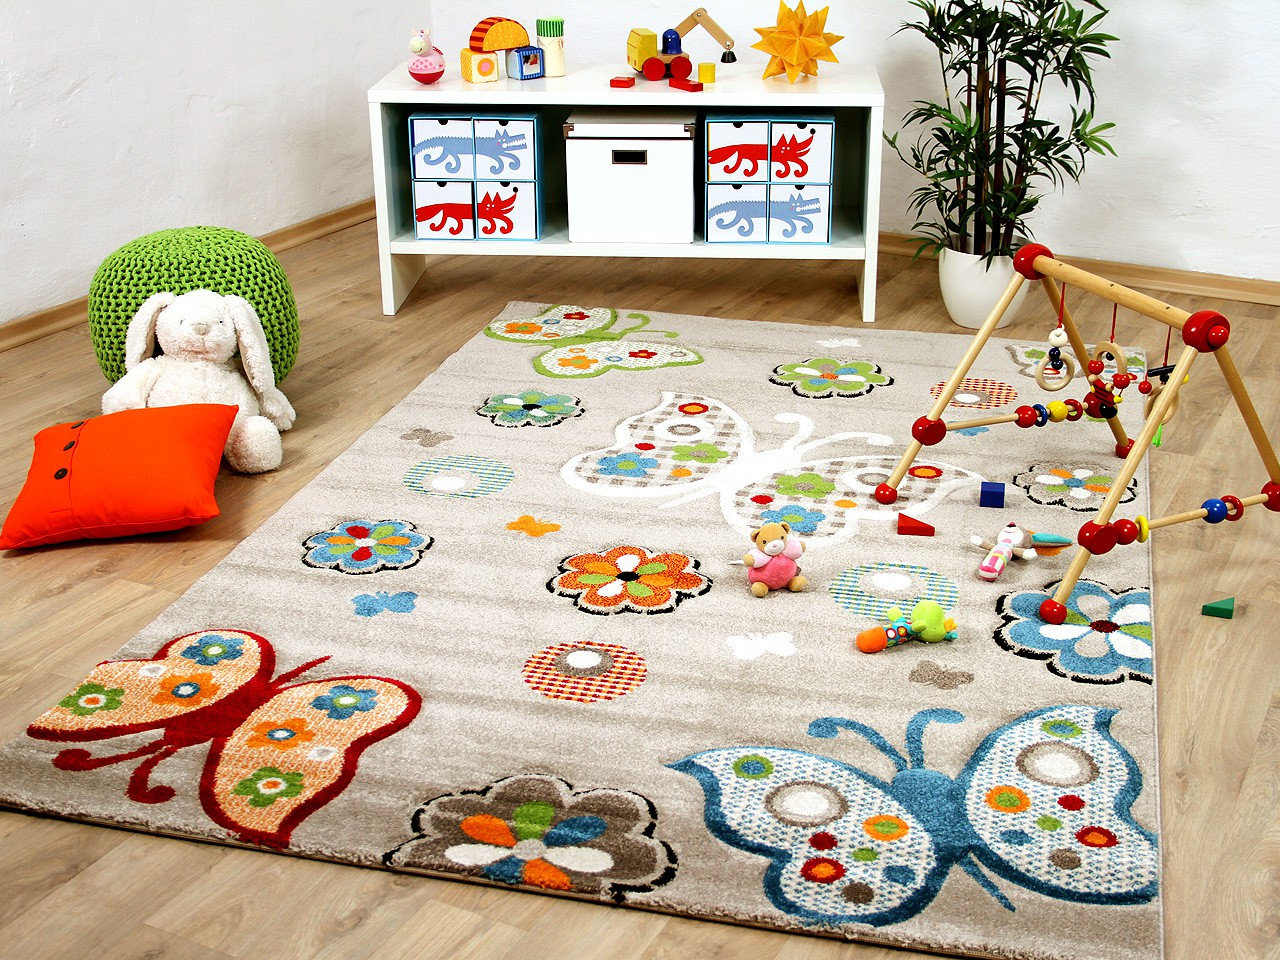 kinder teppich savona kids beige schmetterlinge bunt teppiche kinder und spielteppiche savona kids. Black Bedroom Furniture Sets. Home Design Ideas